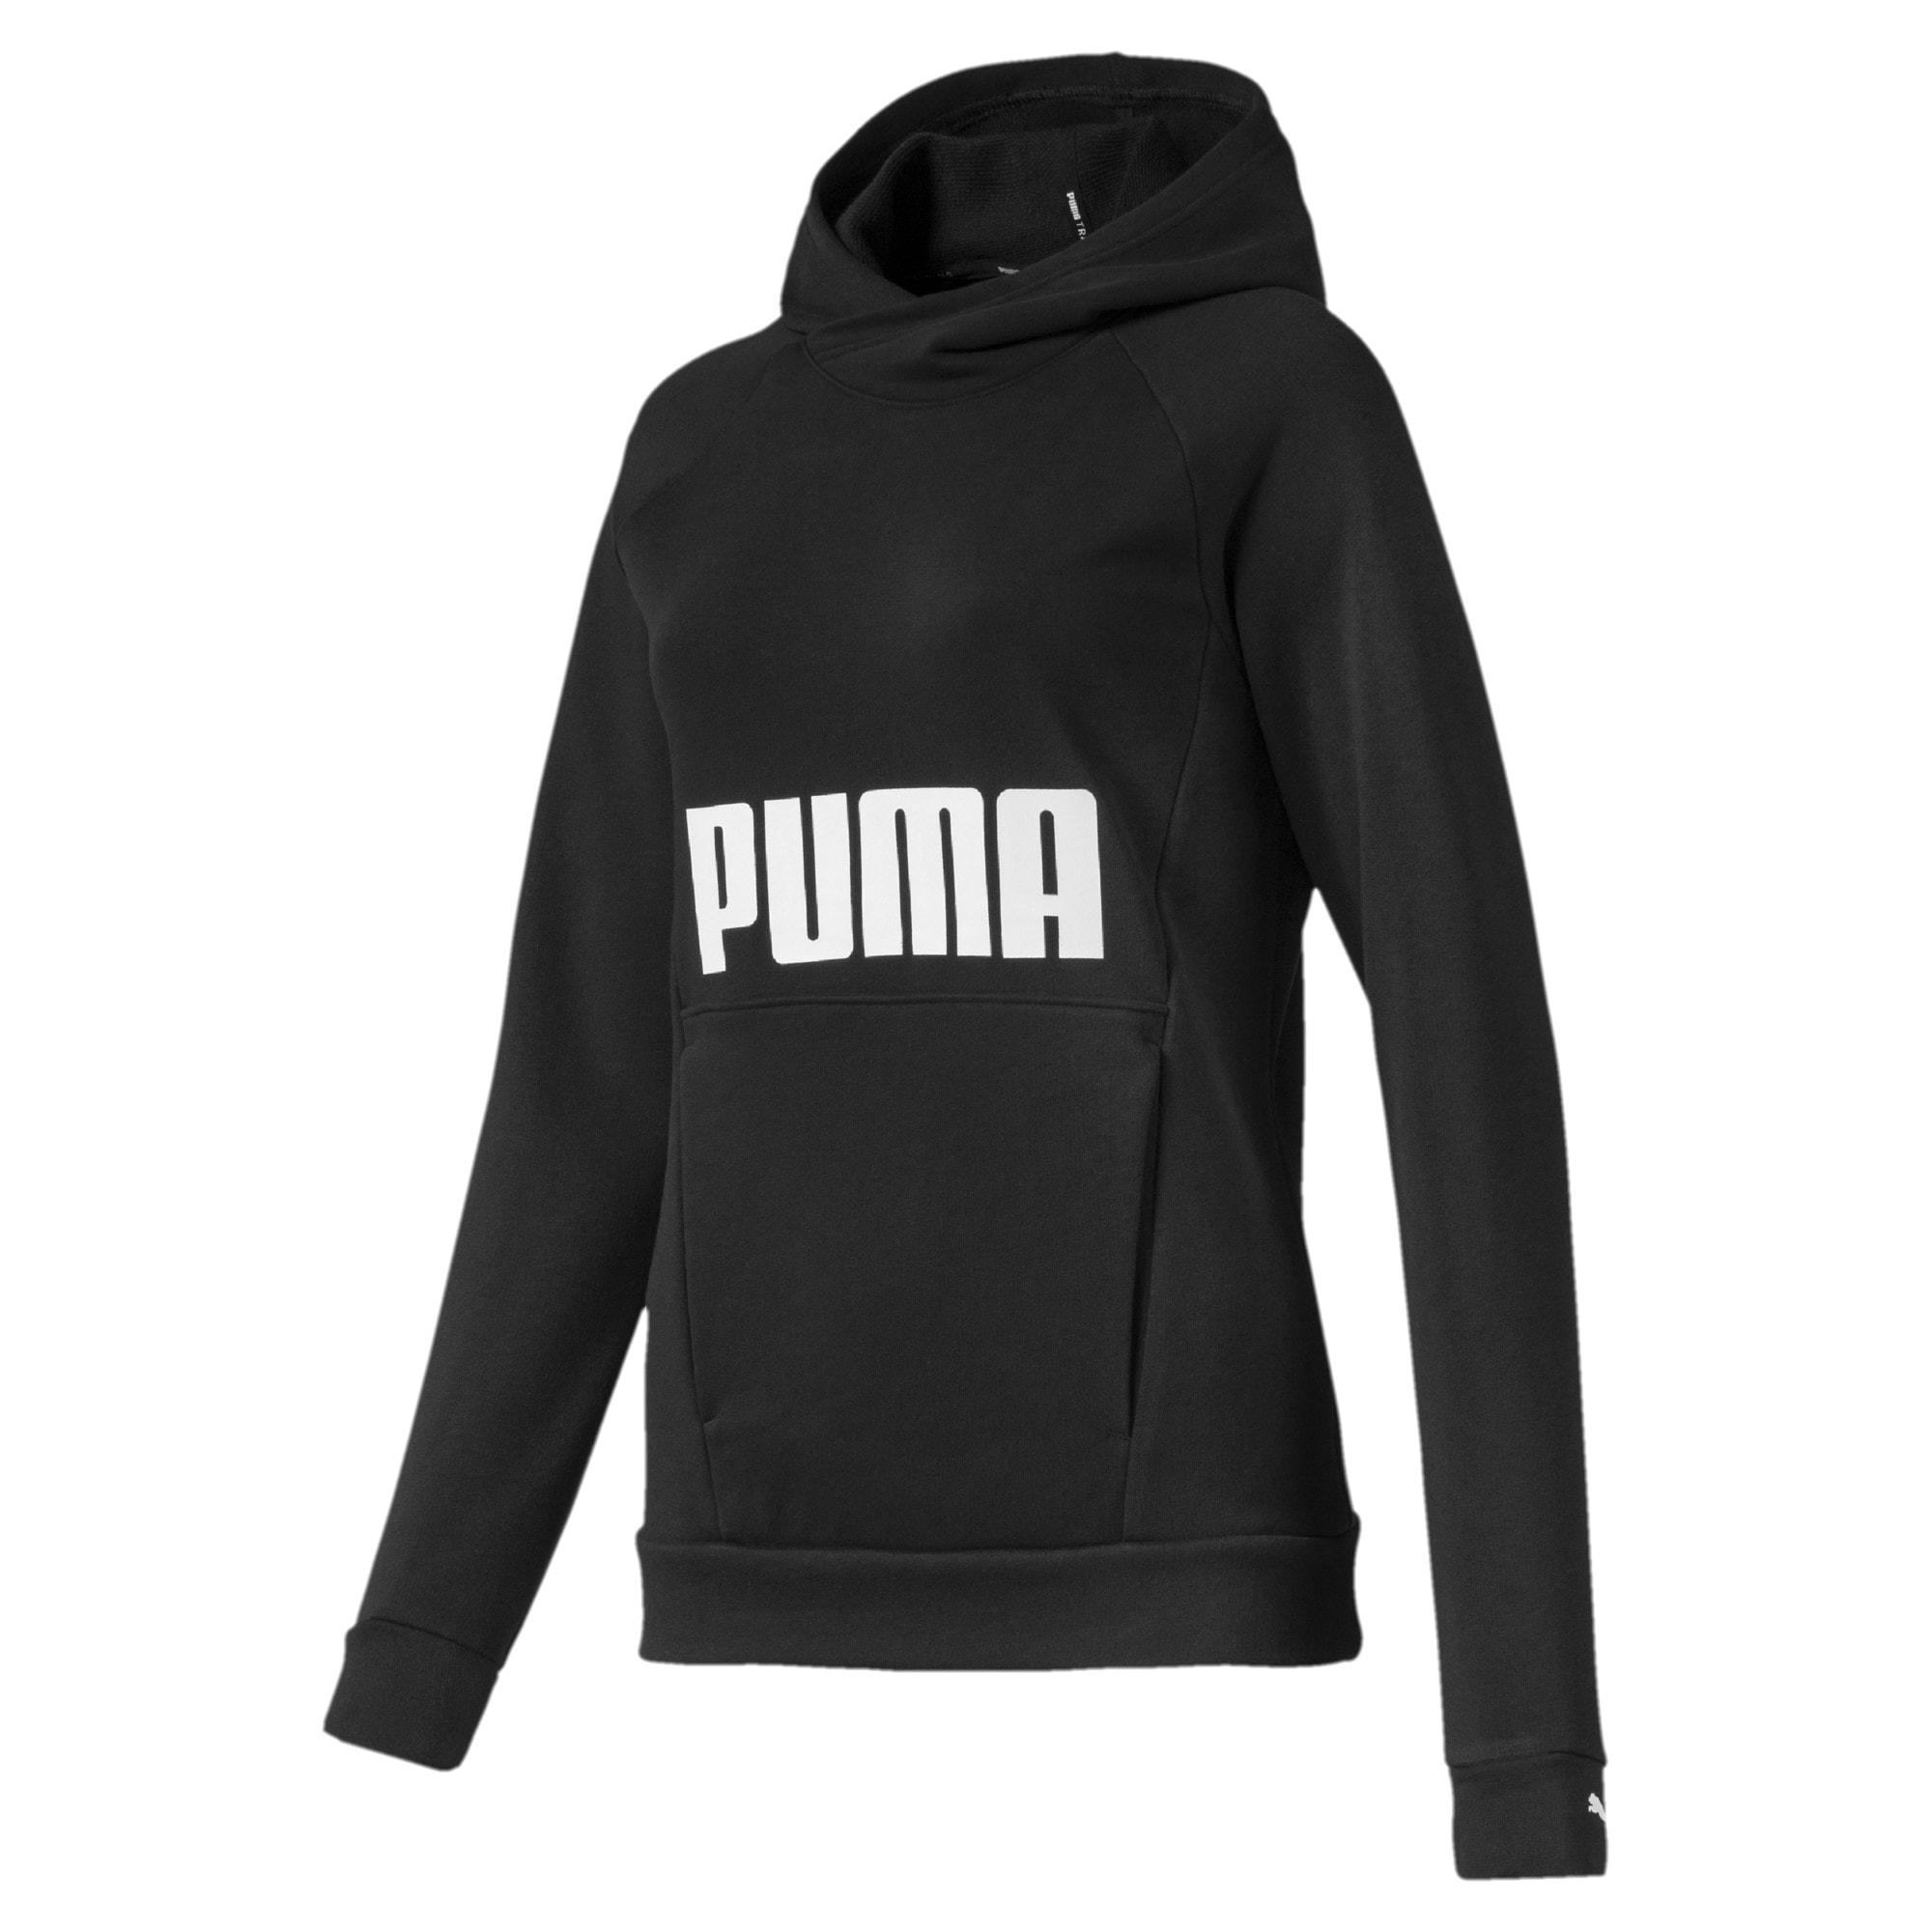 Thumbnail 4 of Fav Women's Training Hoodie, Puma Black, medium